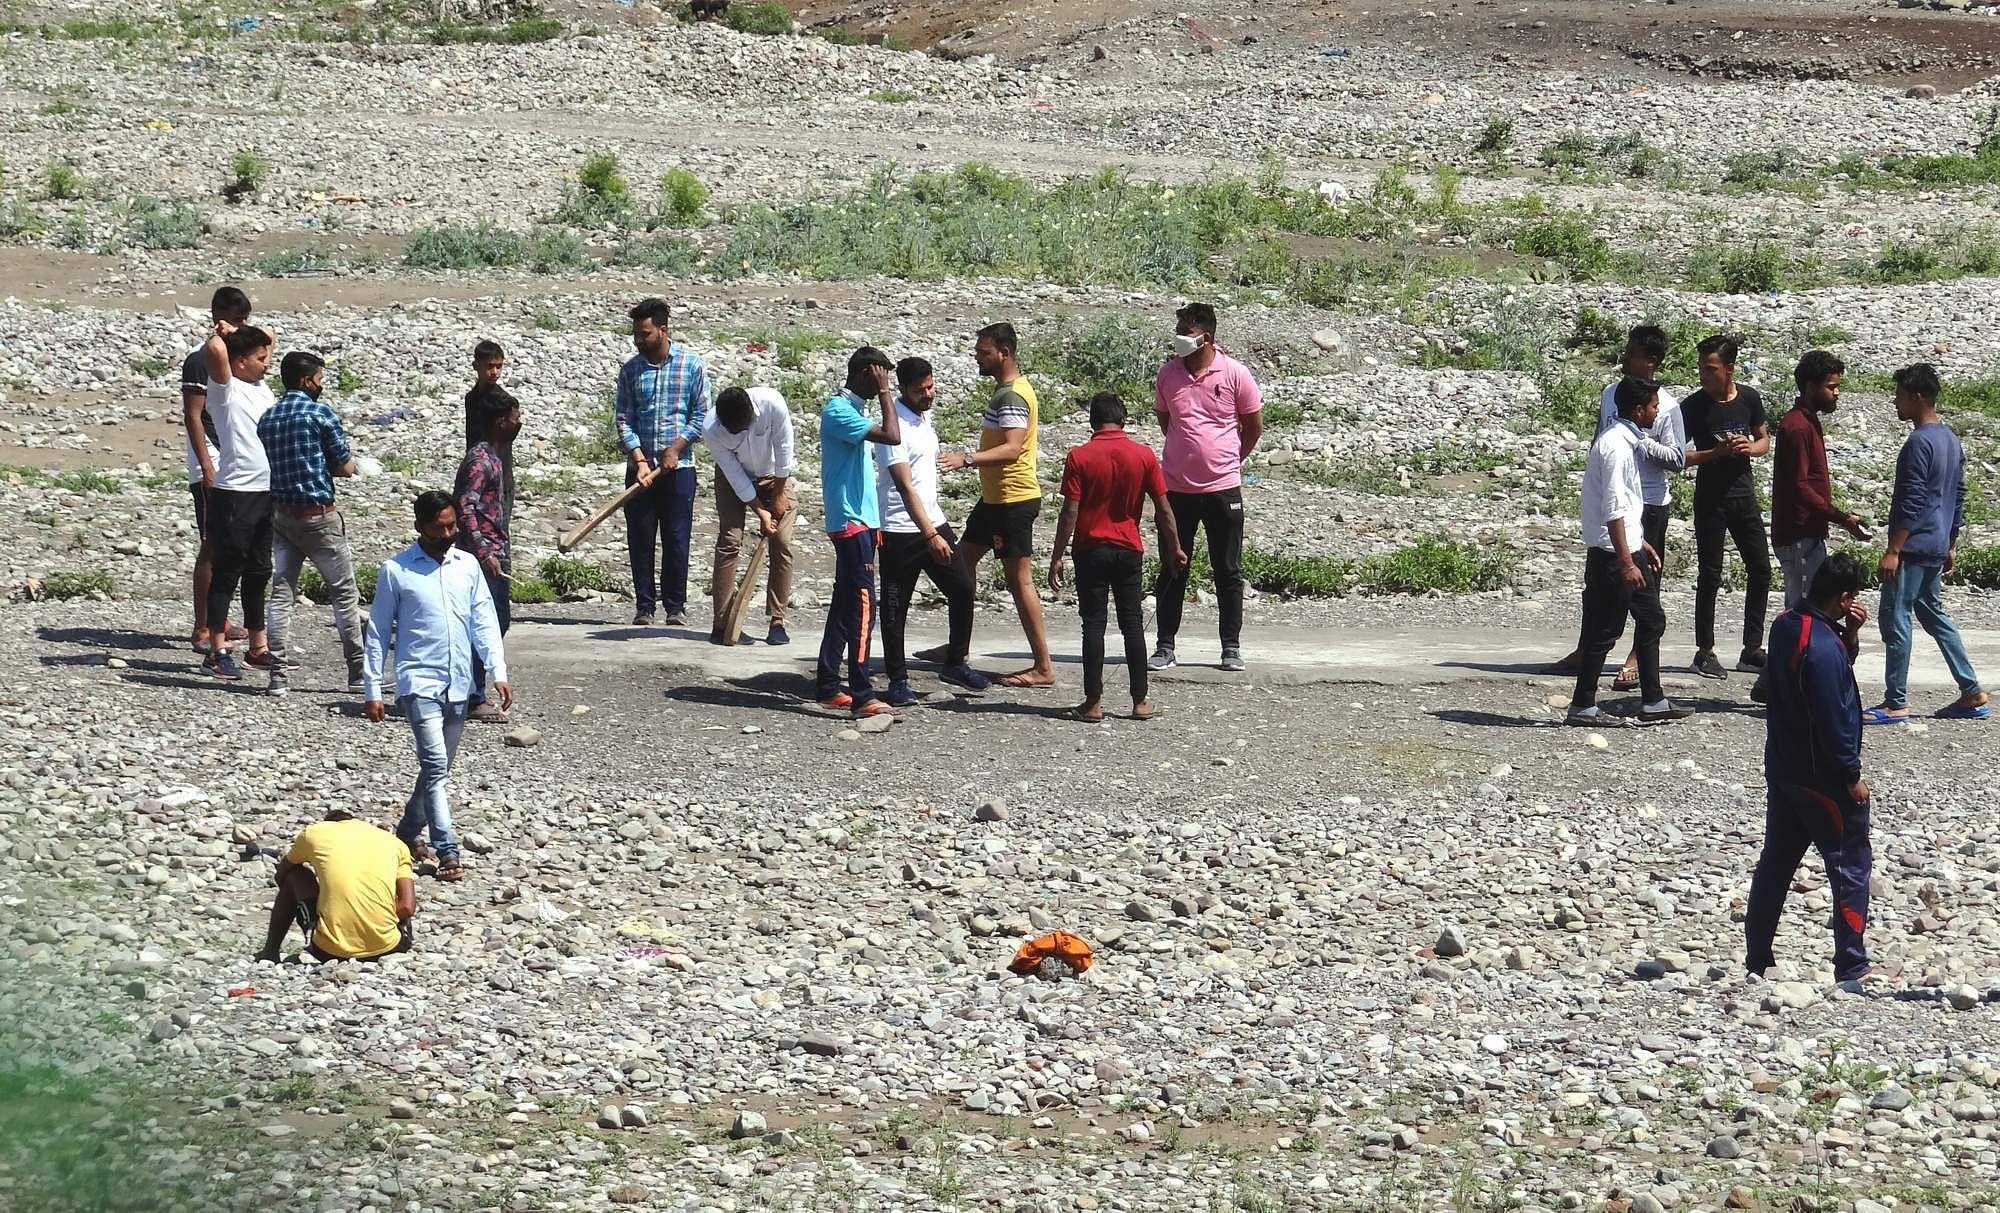 चद्रभागा नदी में जनता कर्फ्यू के दौरान क्रिकेट का आनंद लेते बच्चे।